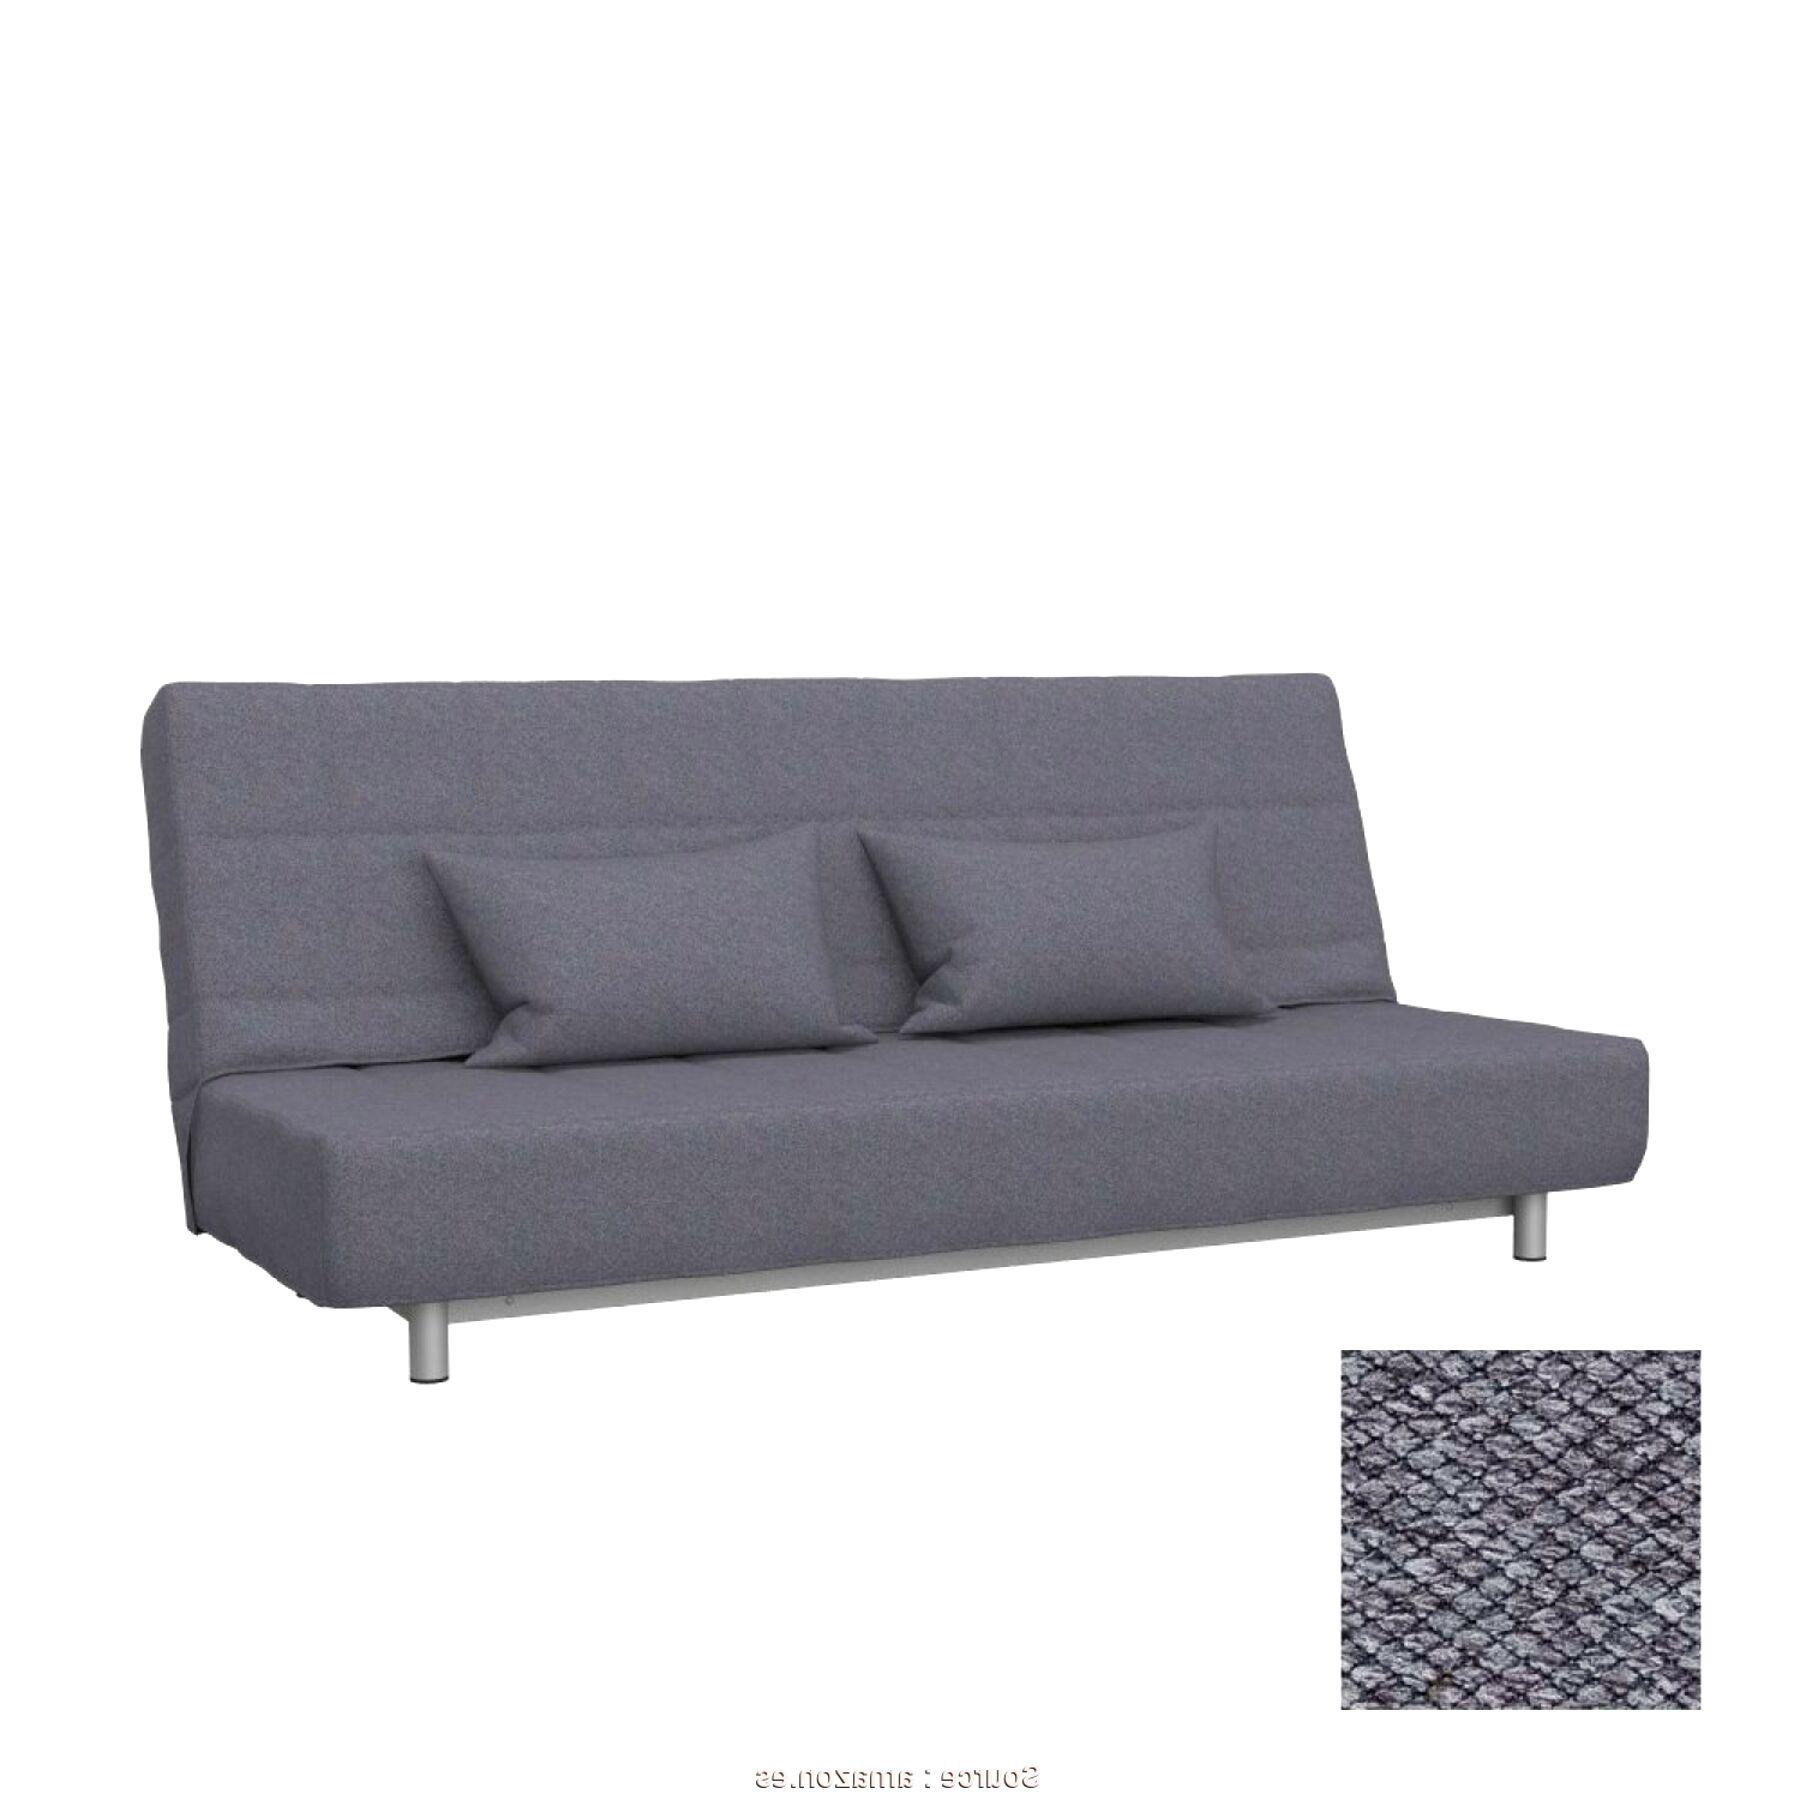 Funda Sofa Cama Ikea De Segunda Mano Solo Quedan 3 Al 70